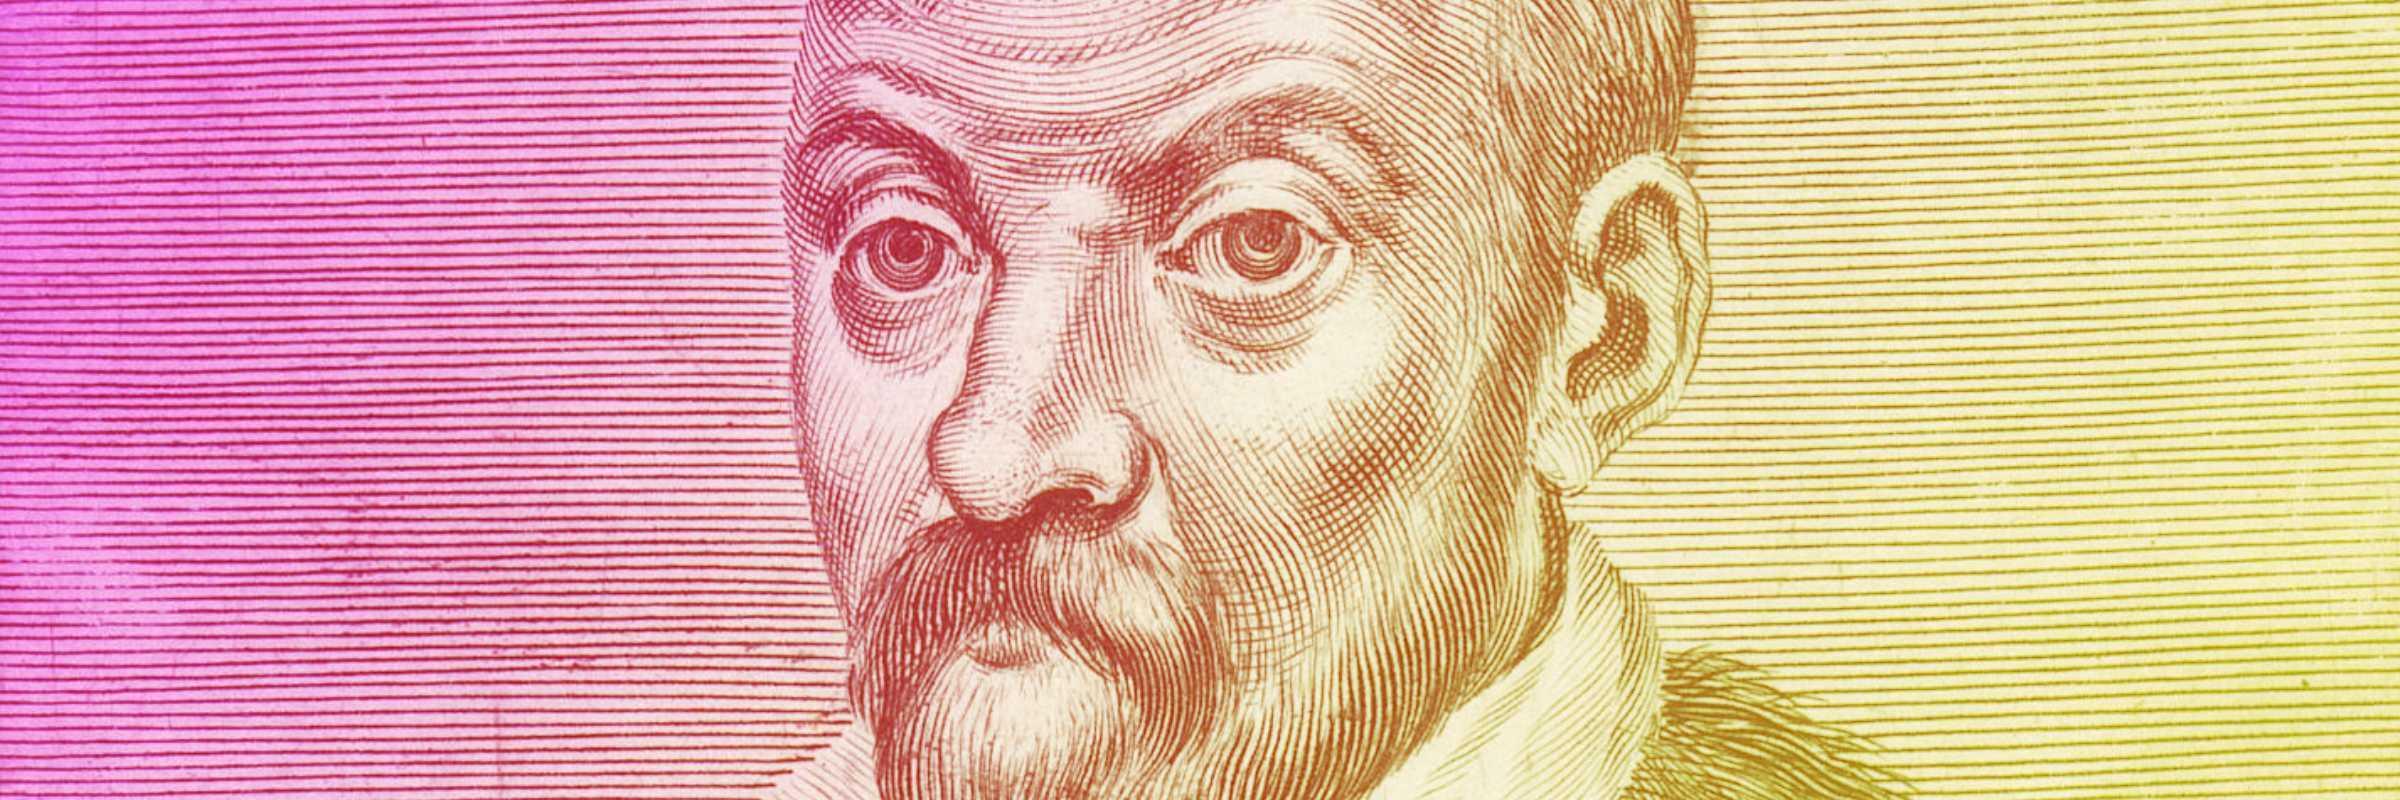 Ritratto su incisione di Jacopo Palma il Giovane, artista sconosciuto. (Collezione Rijksmuseum)